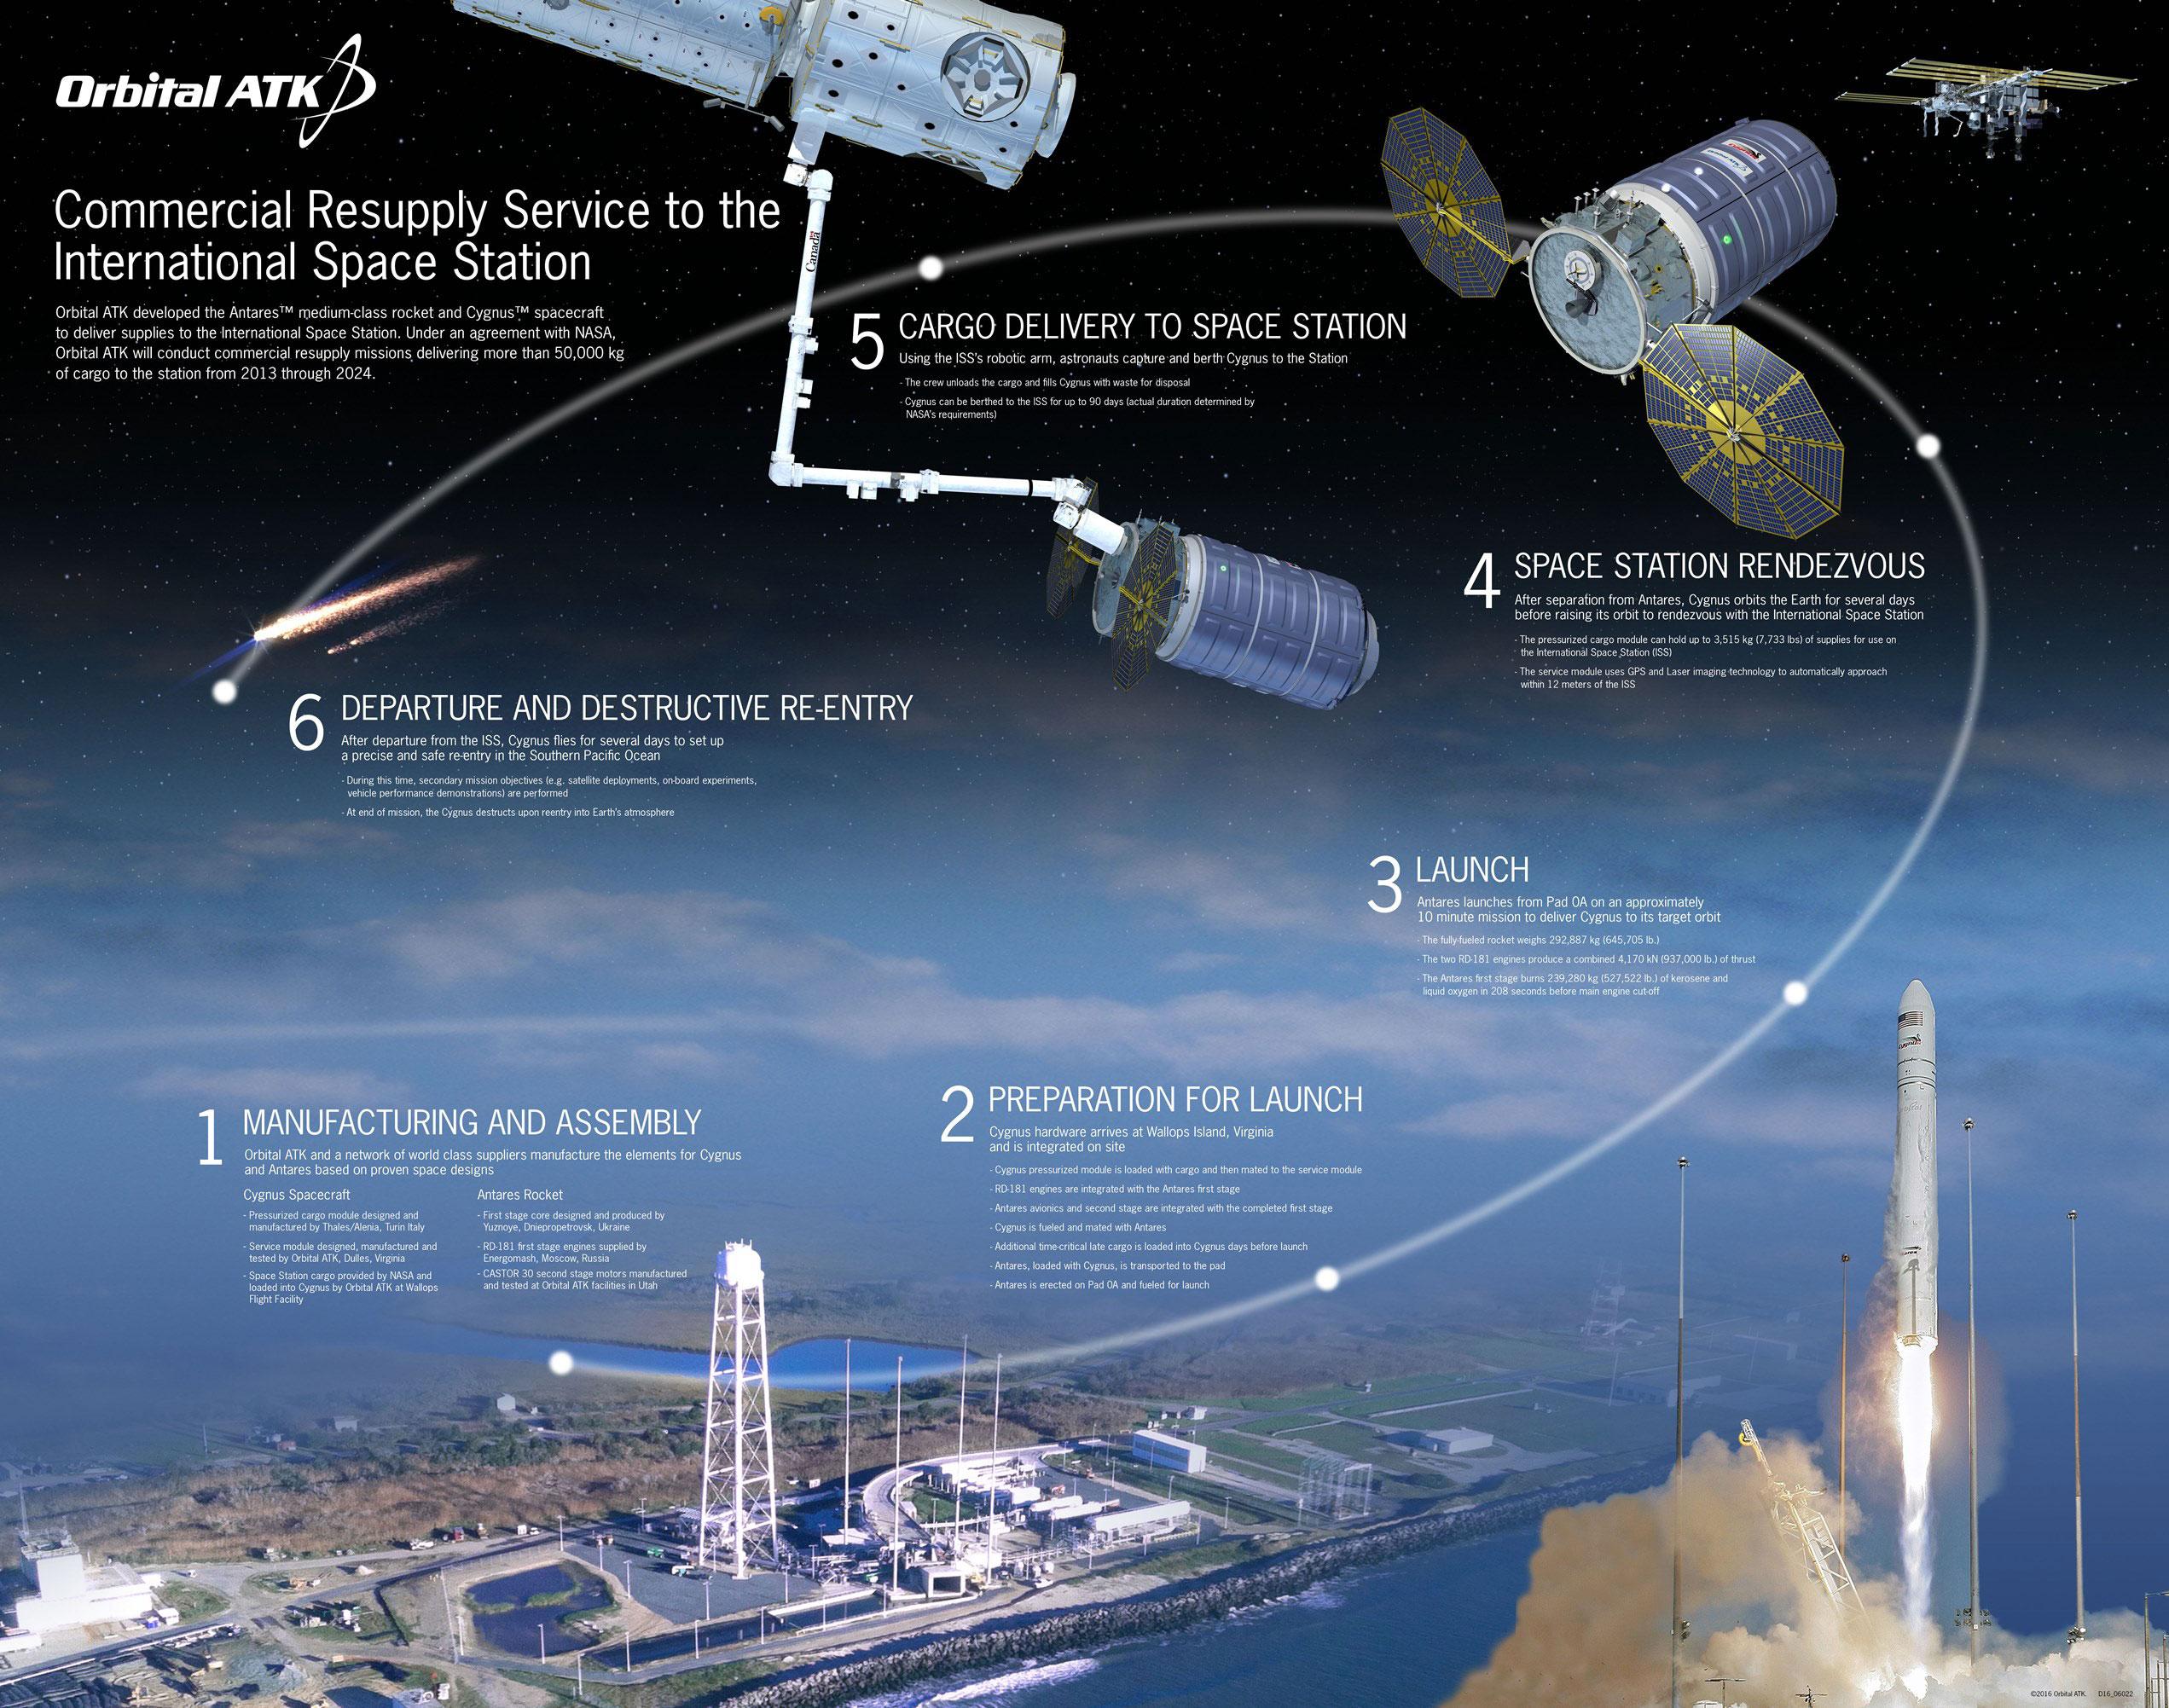 Le fasi di una tipica missione CRS condotta dalla capsula cargo Cygnus - (C) Orbital/ATK